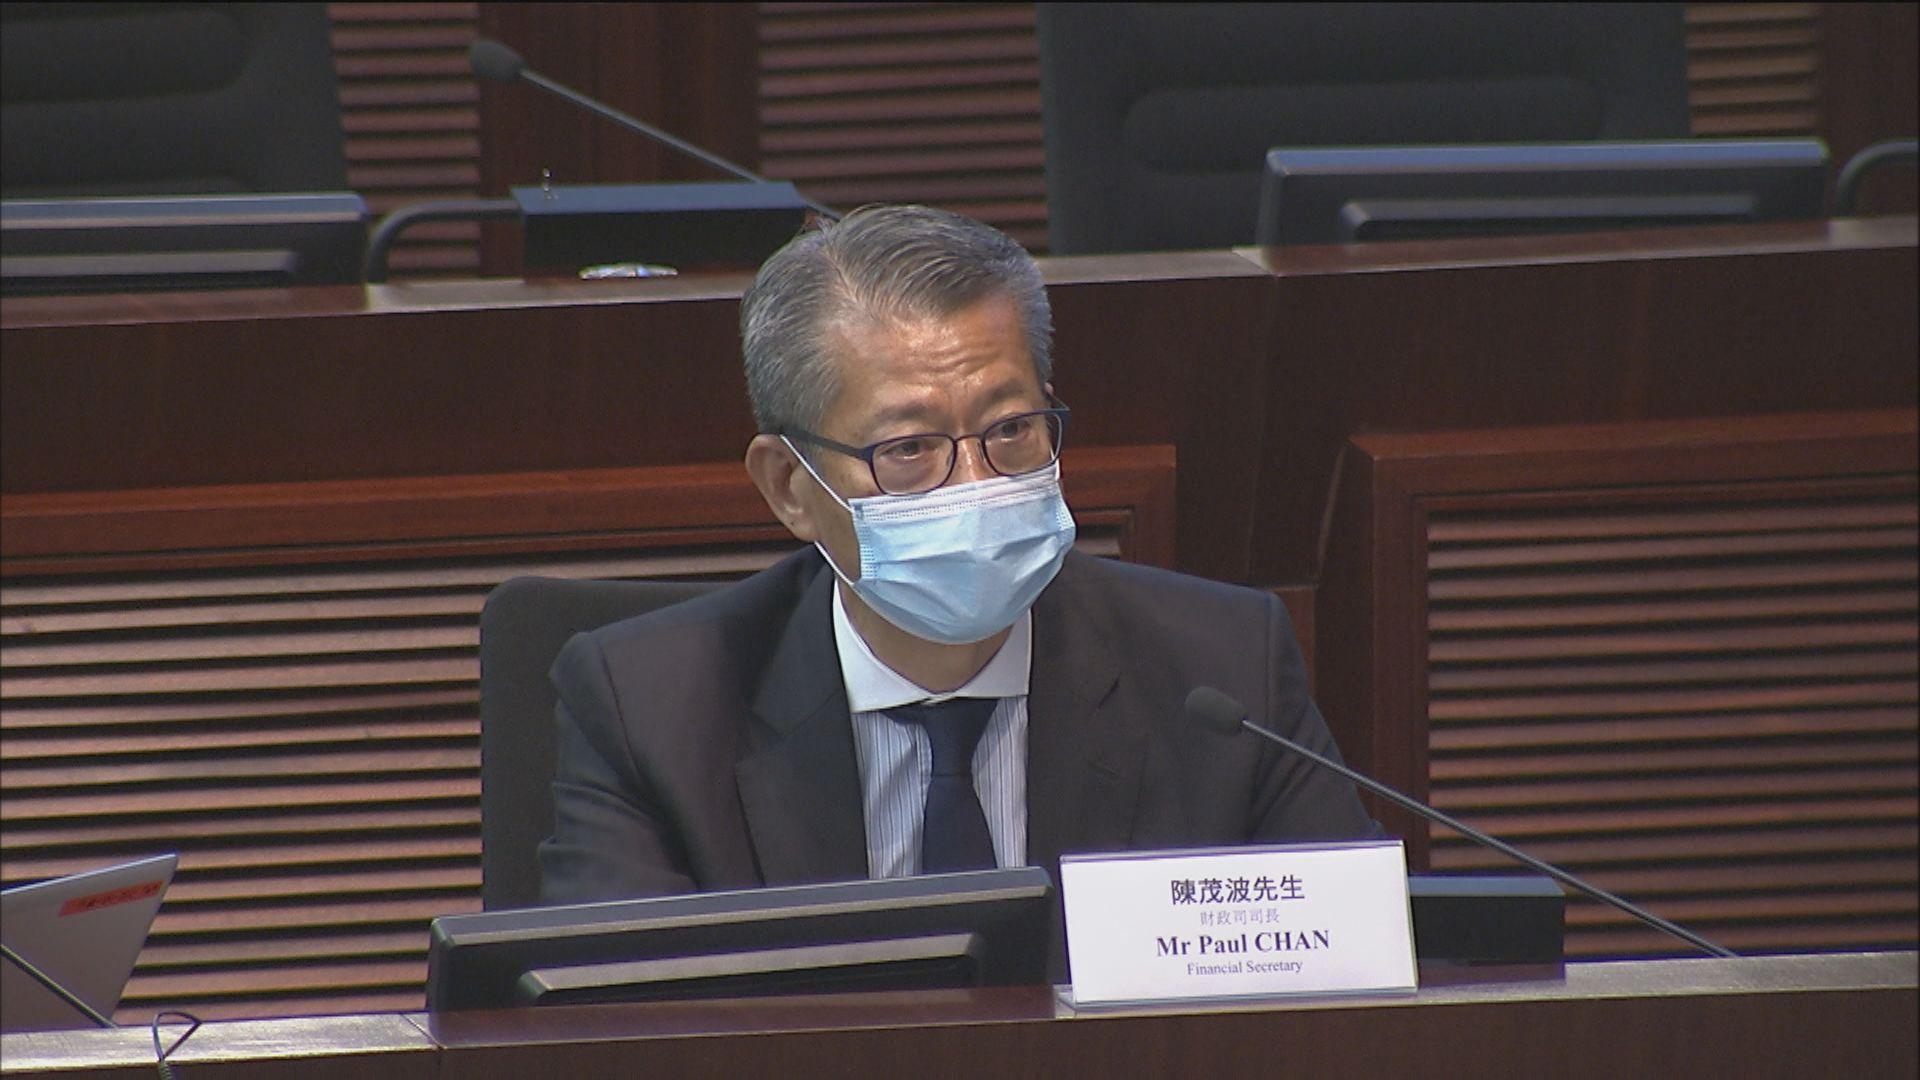 【港區國安法】陳茂波:有利本港營商及投資環境